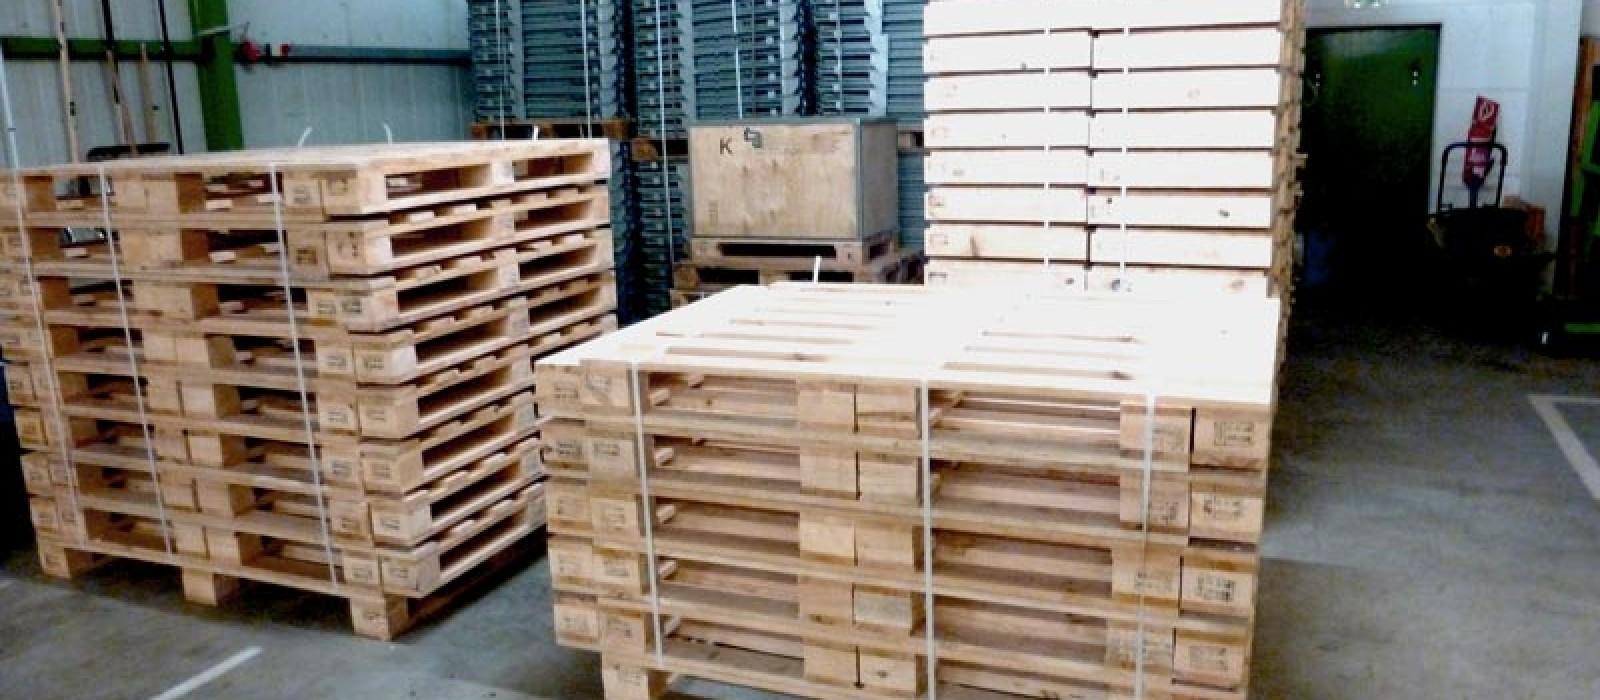 4-Wege-Holzpalette-1600×1200-mm-Produktion-Wipperfürth